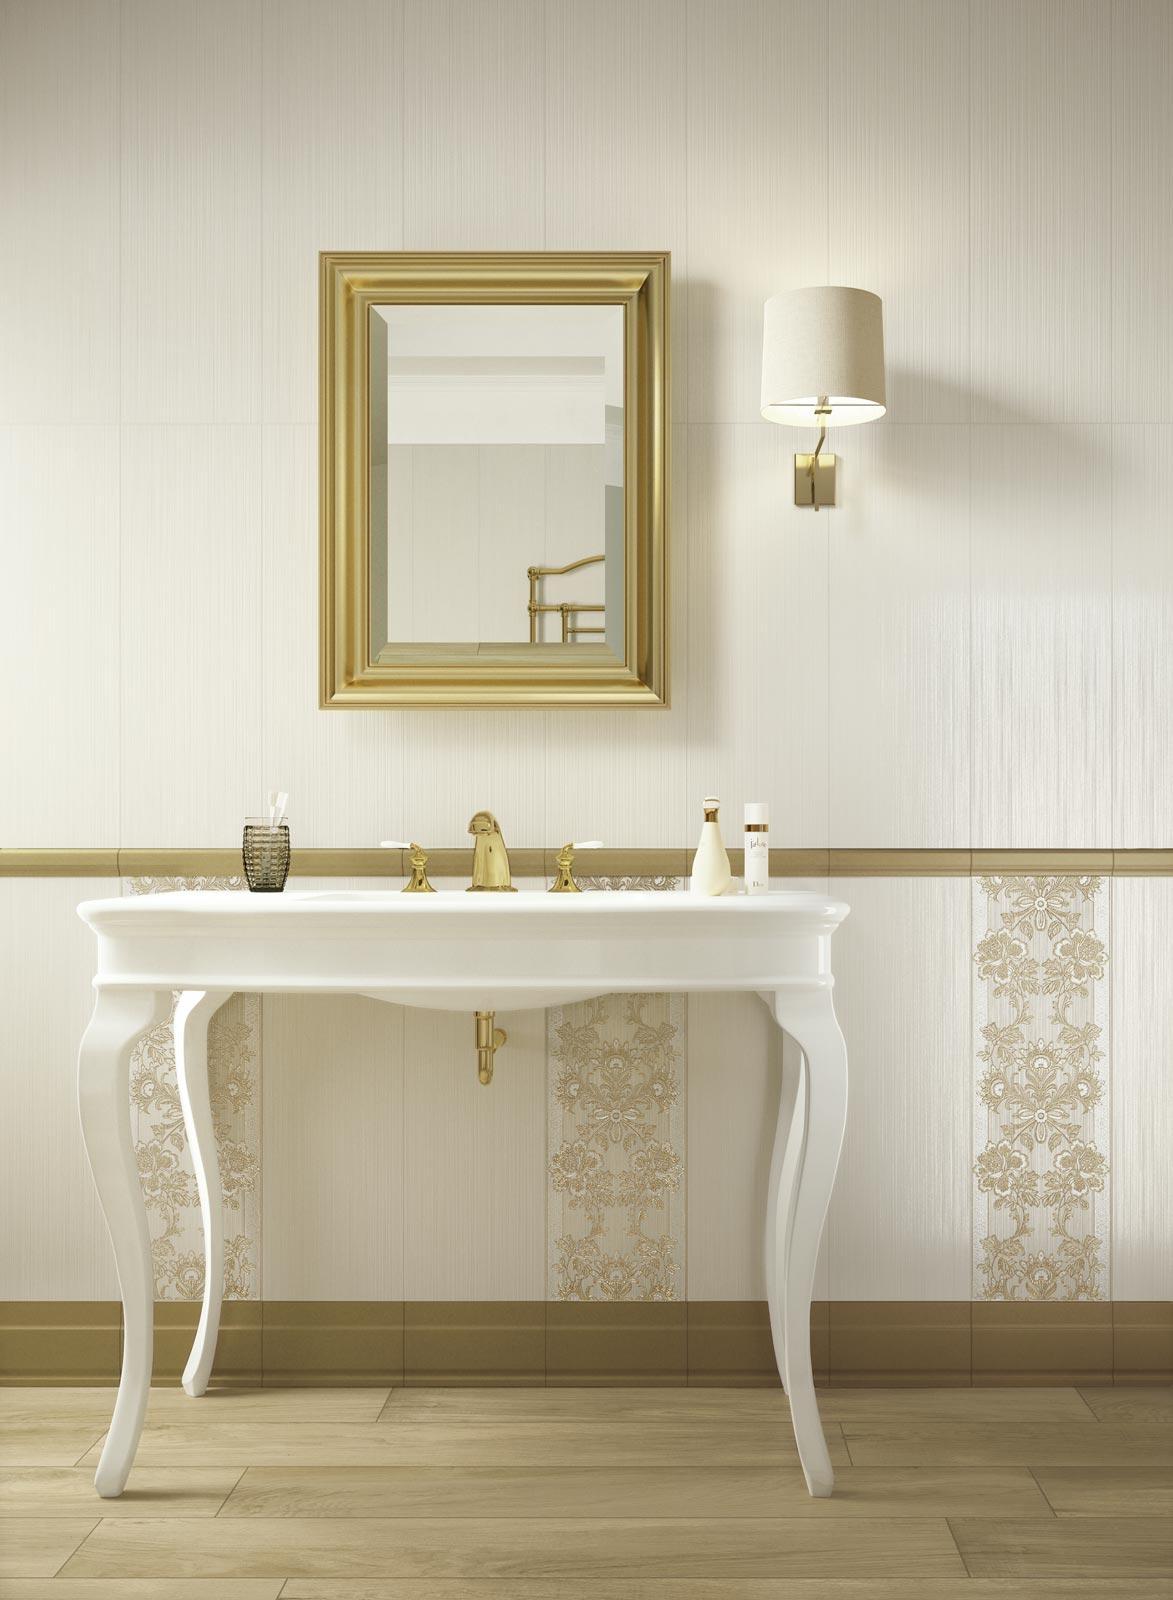 Collezione wallpaper rivestimenti classici per il bagno - Rivestimenti bagno classici ...